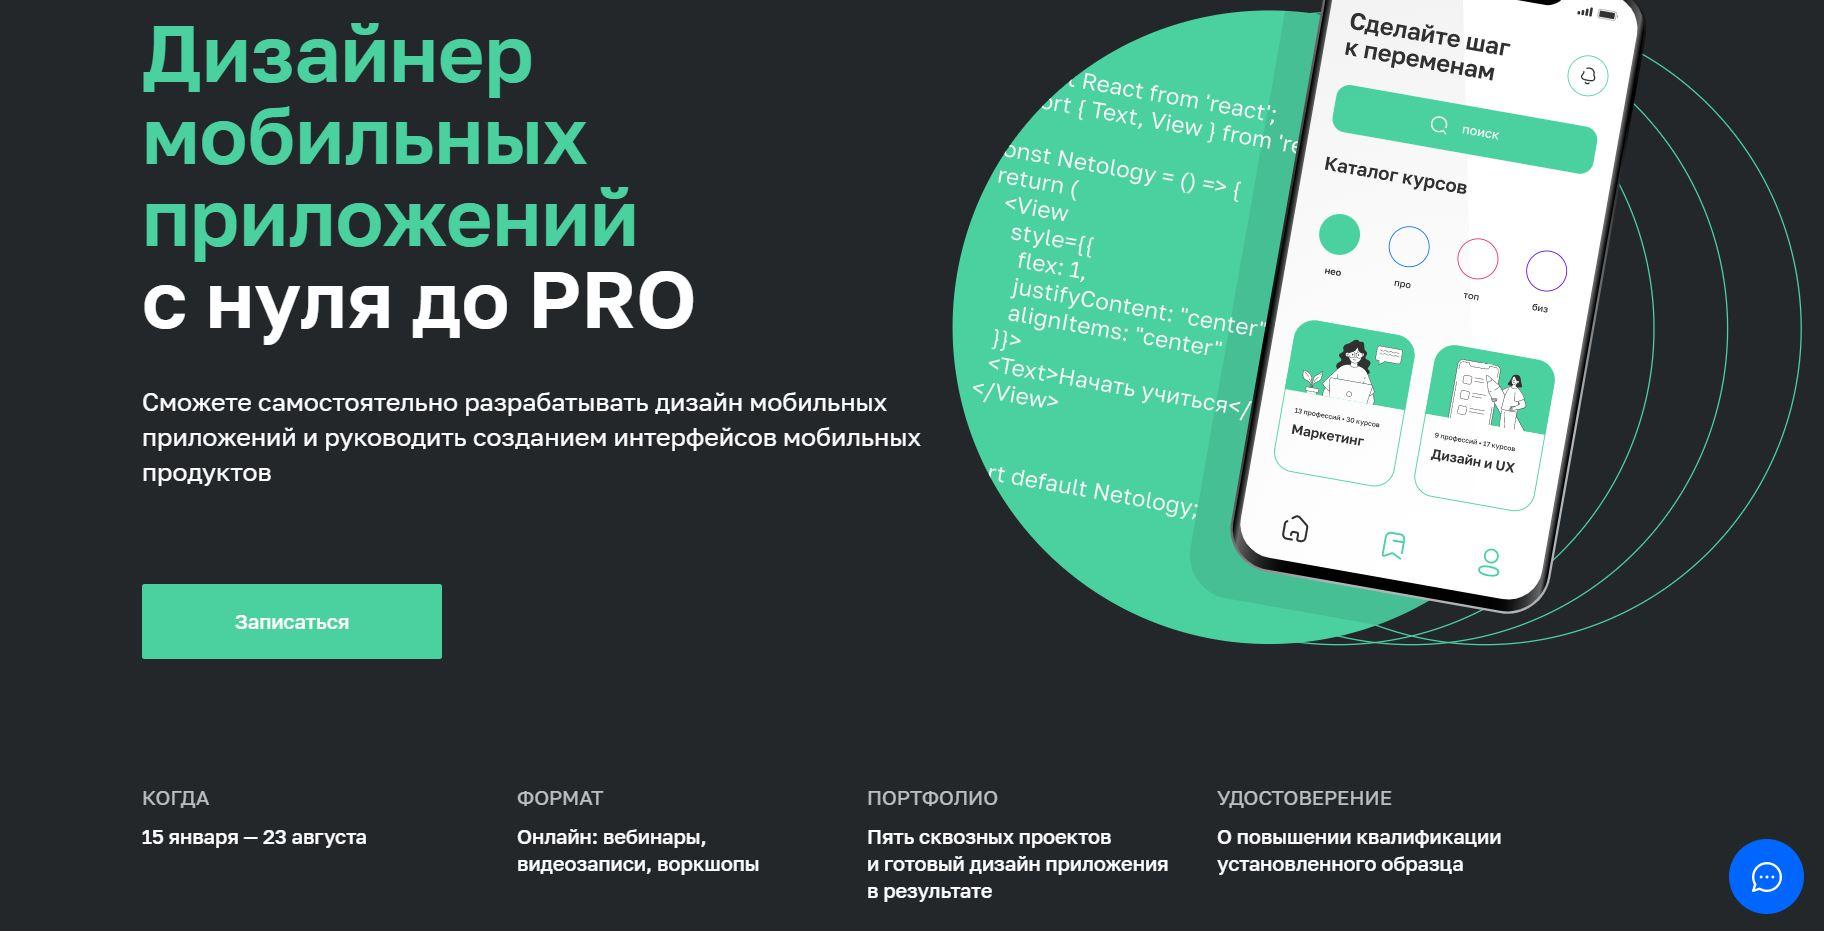 Дизайнер мобильных приложений с нуля